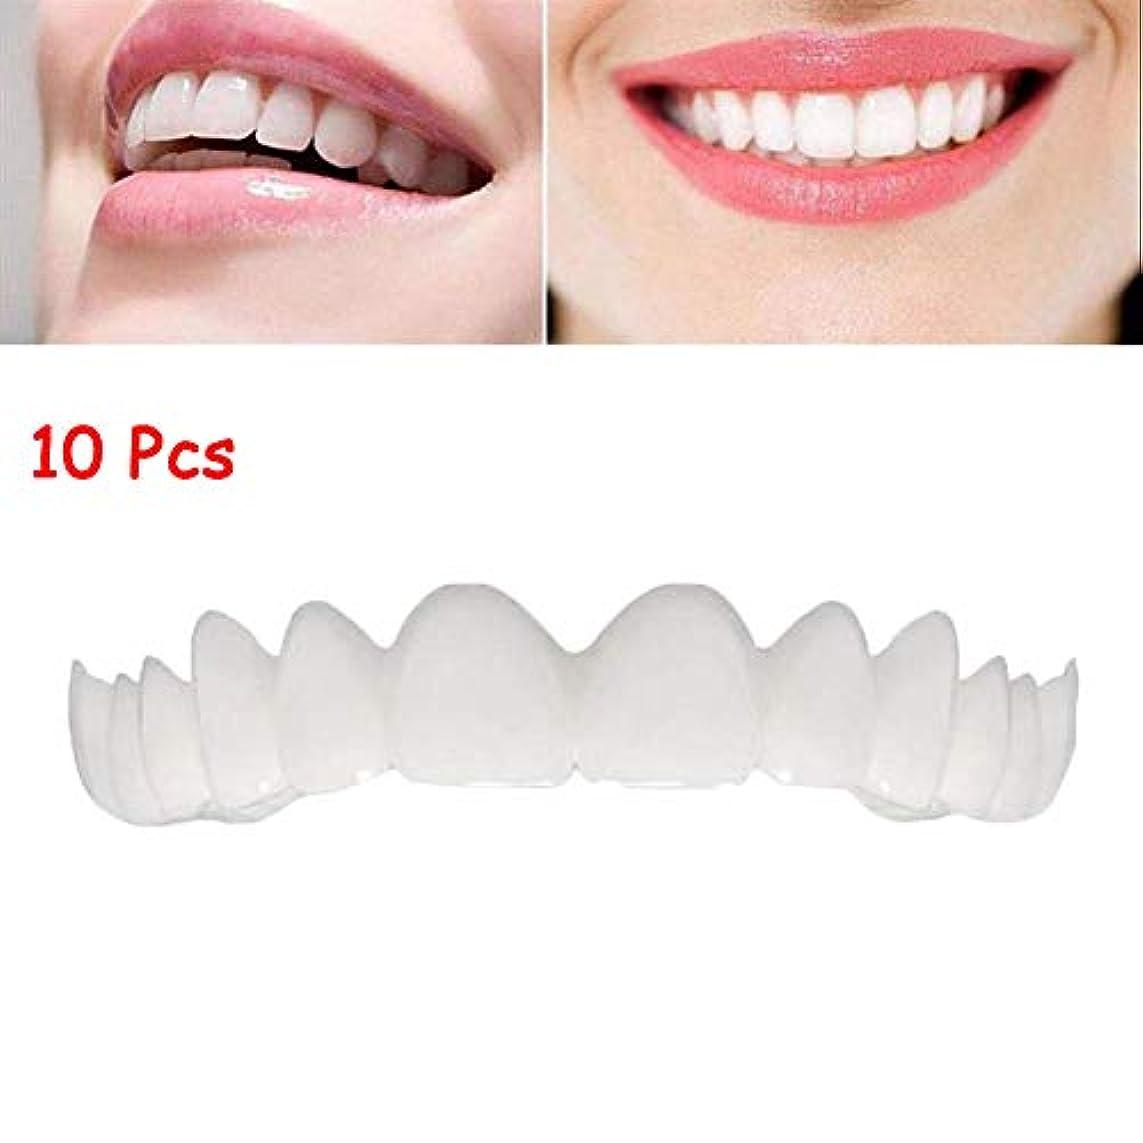 粉砕する簿記係申し立てられた10個の一時的な化粧品の歯の義歯は歯を白くするブレースを模擬